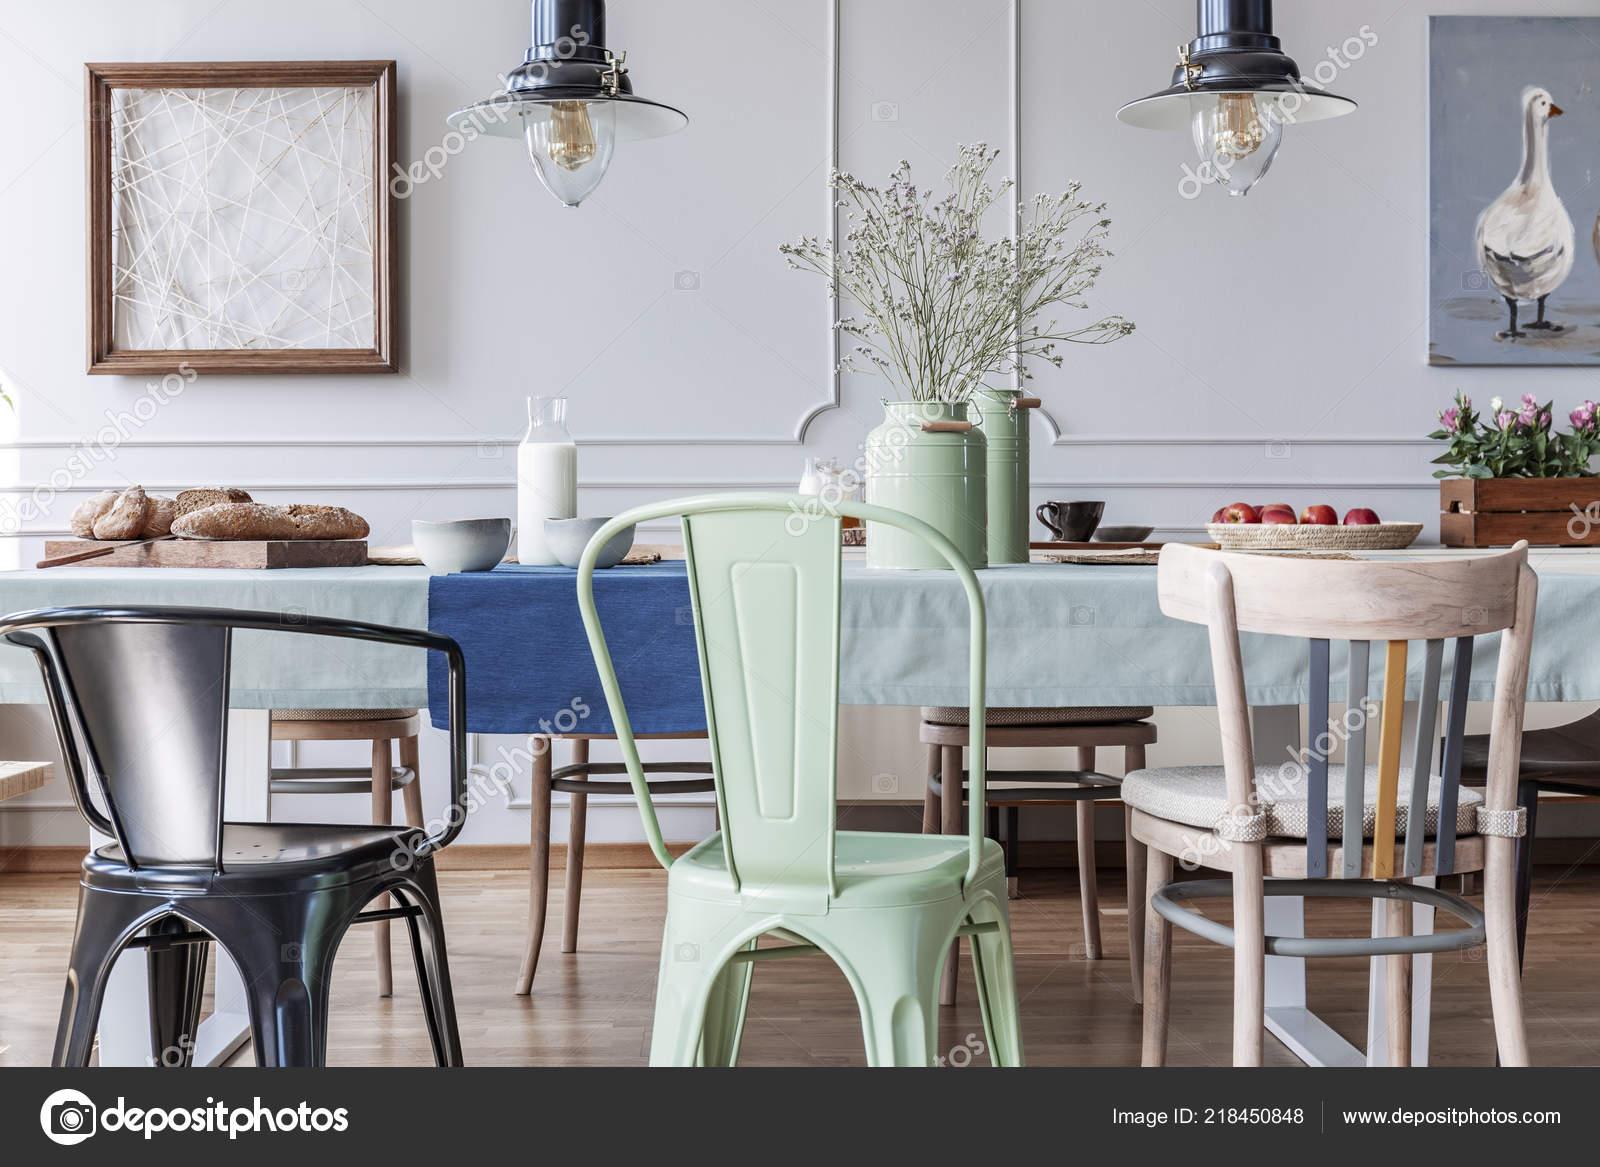 Bunte Stühle Tisch Cottage Grau Esszimmer Interieur Mit ...